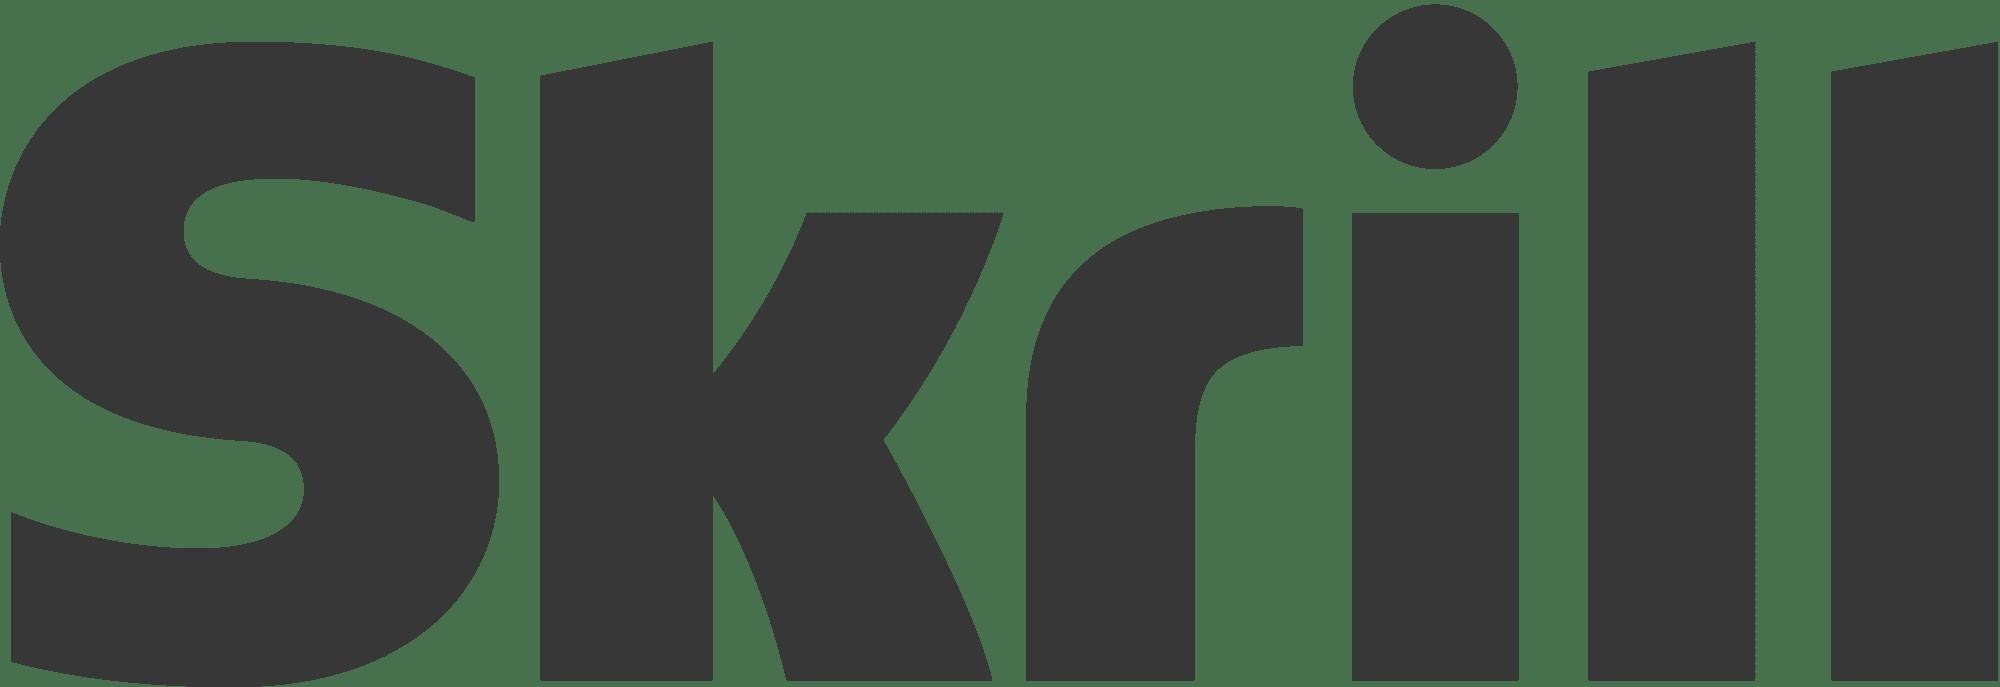 Skrill Logo Grey